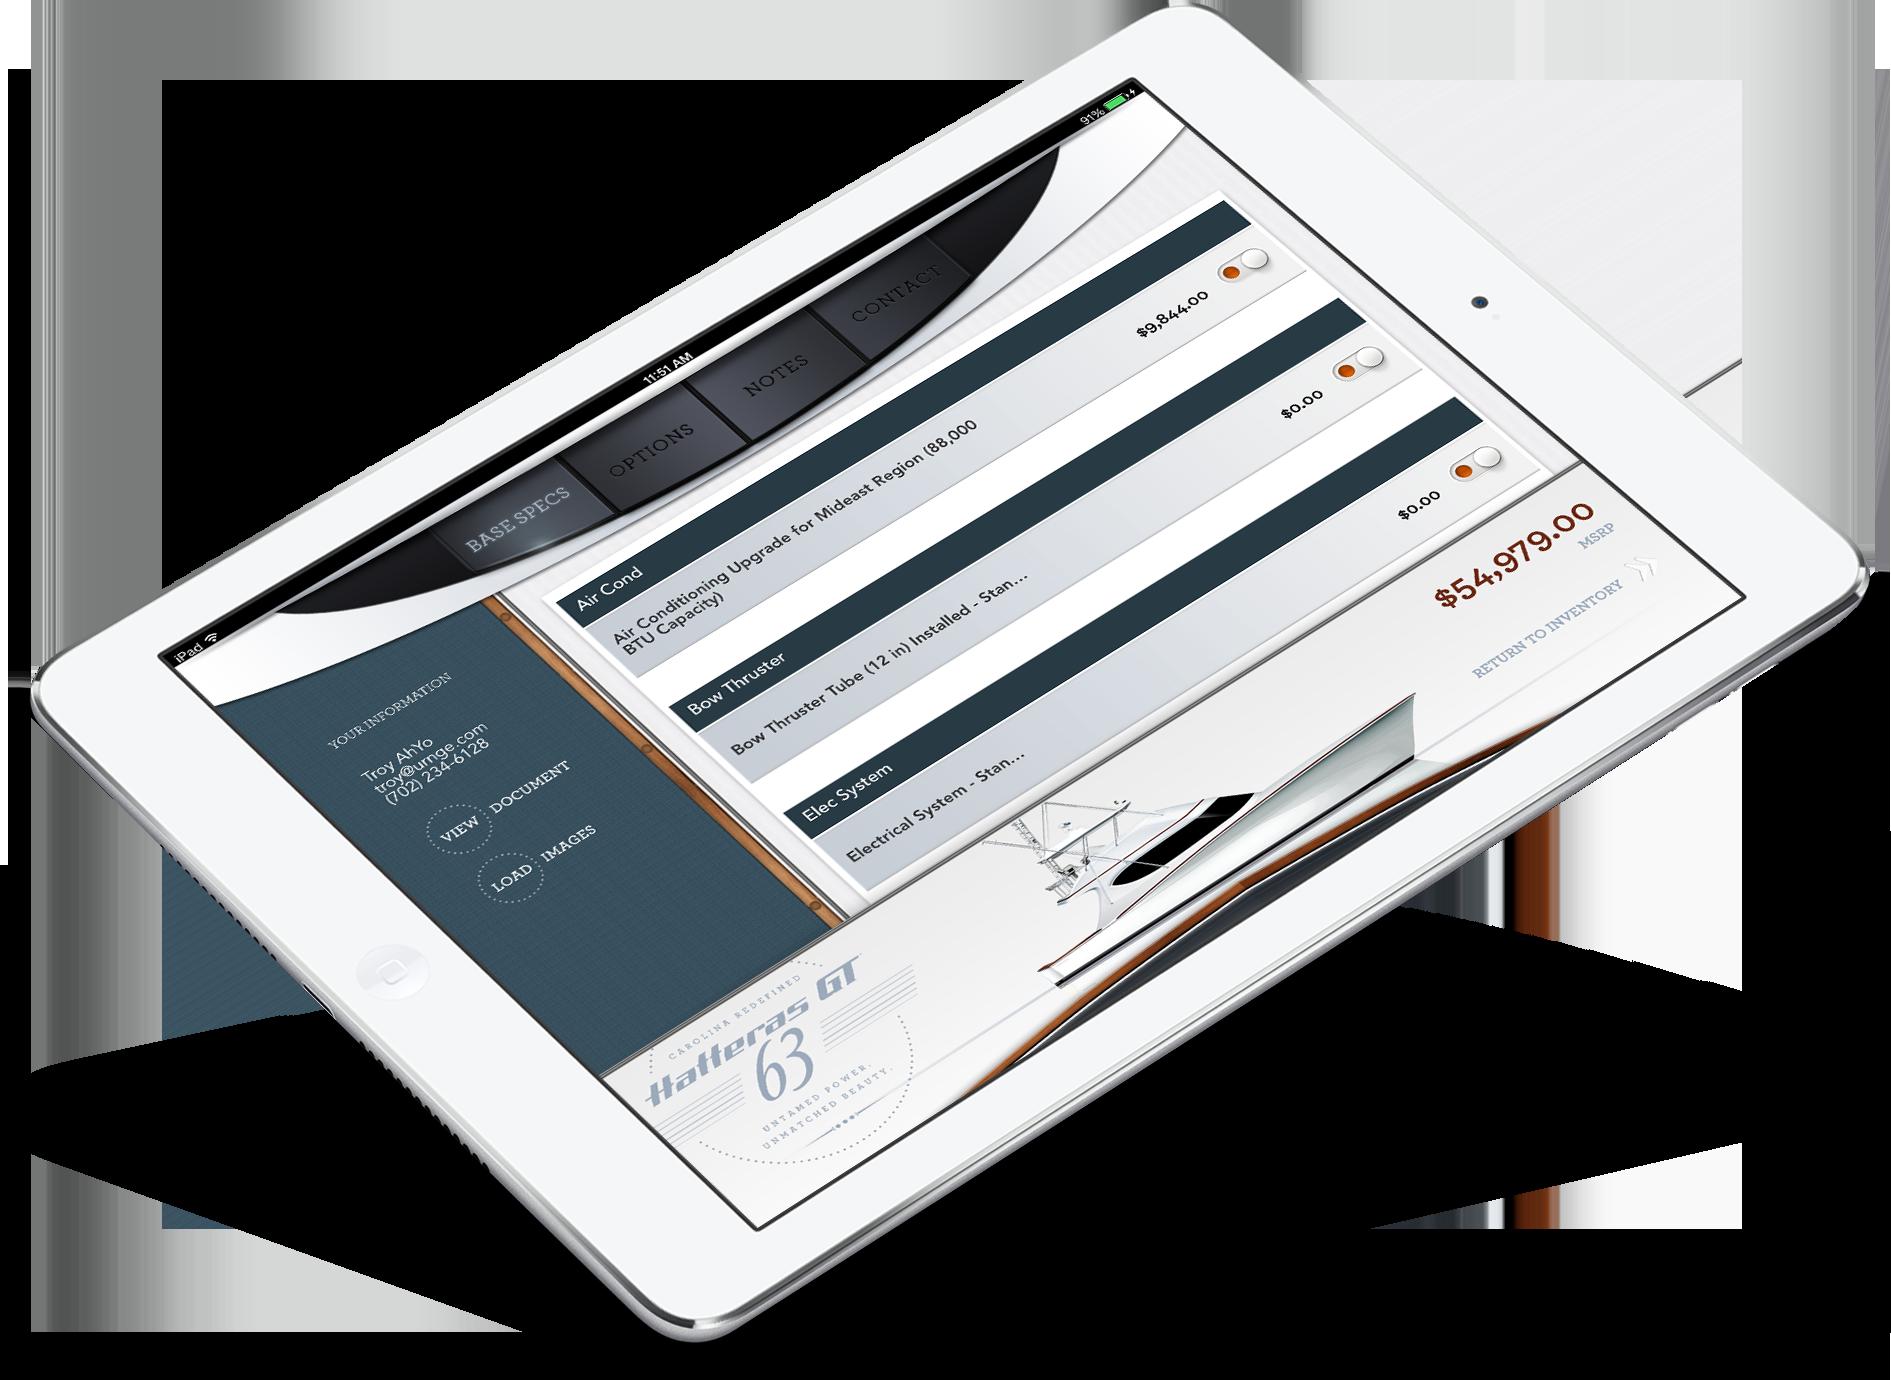 iPad-bolster-2.png